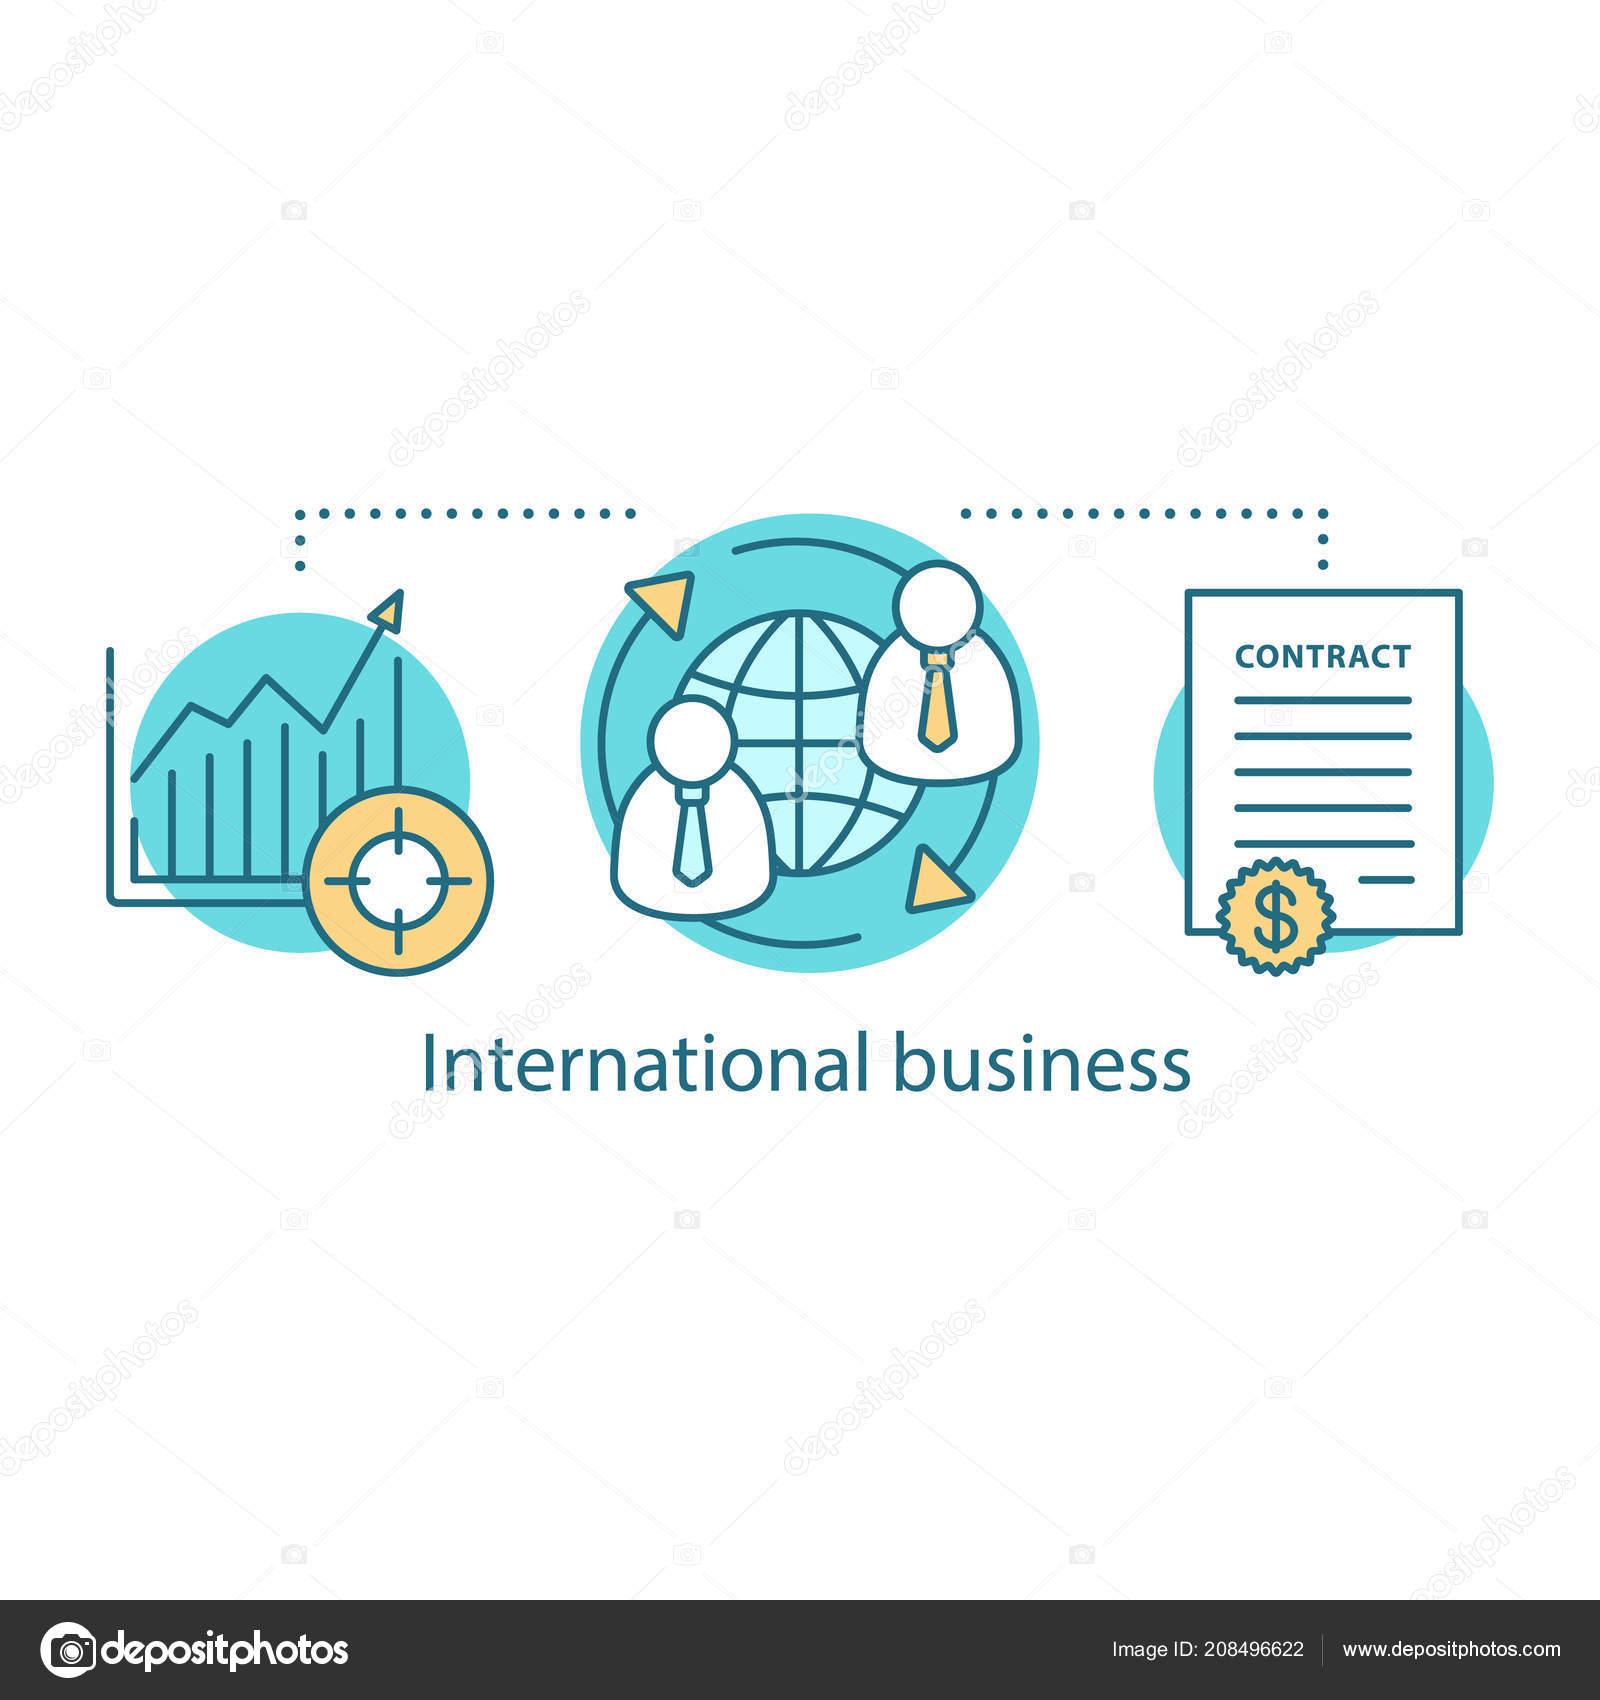 Идея для международного бизнеса идеи домашнего швейного бизнеса